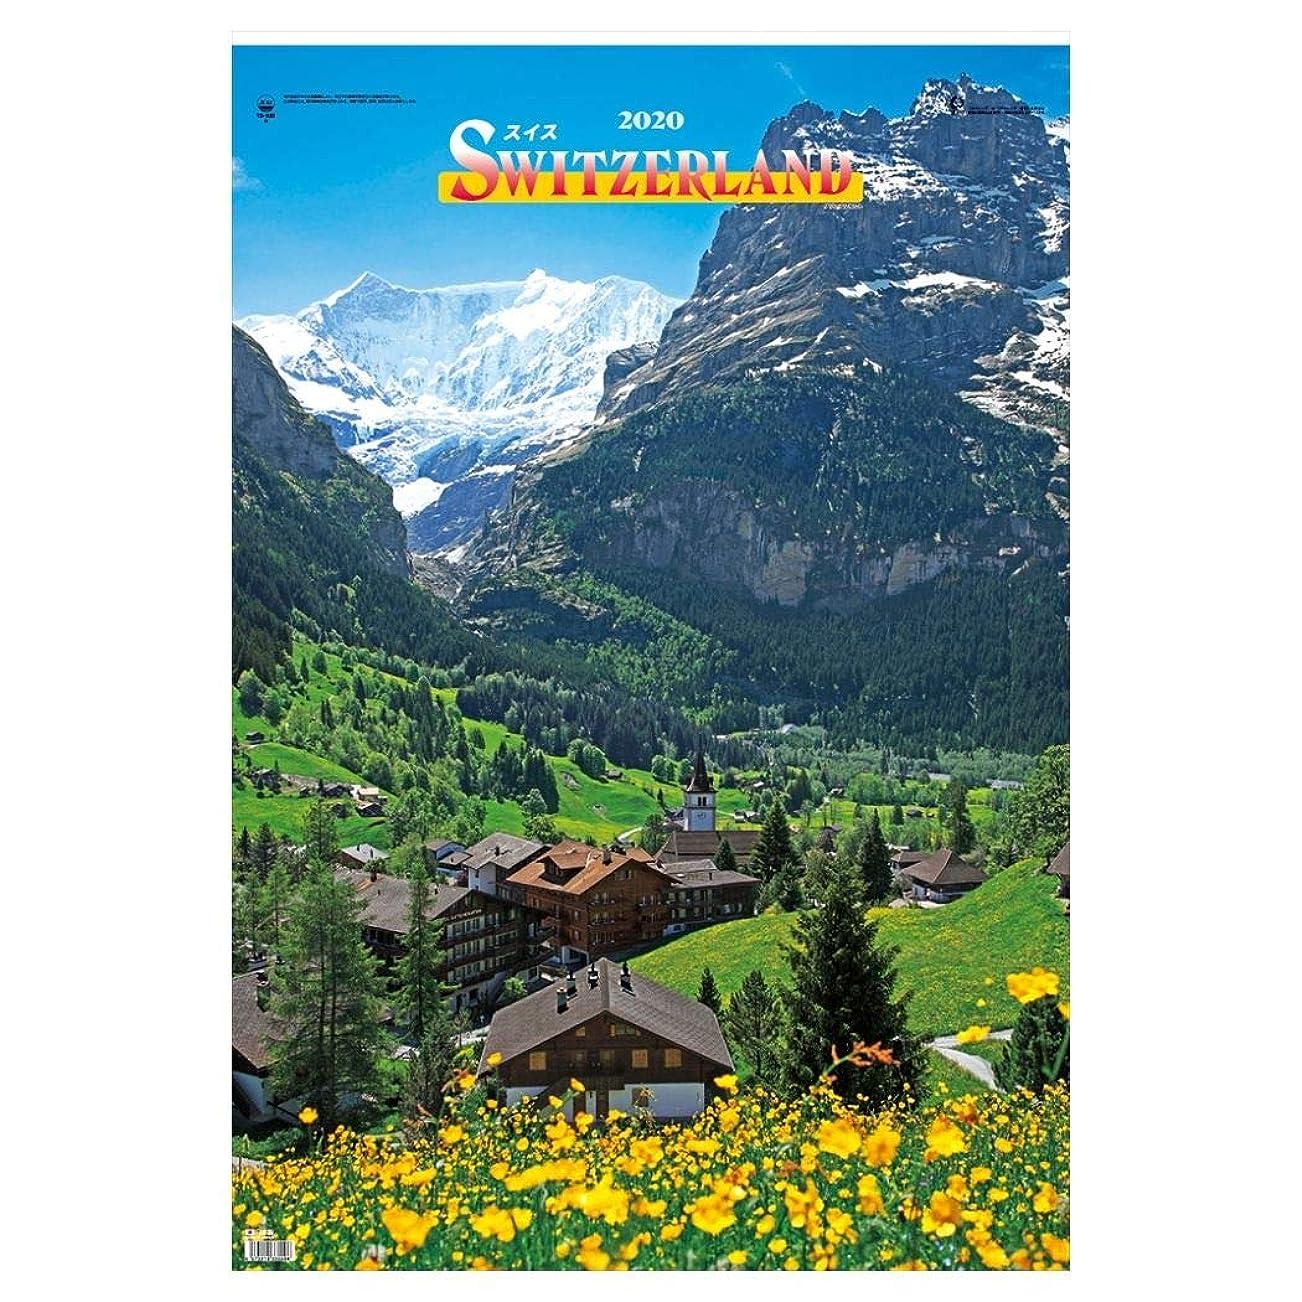 演じる言い聞かせる応答[壁掛けカレンダー 2020]フィルム フォト/DX スイス SWITZELAND 大判